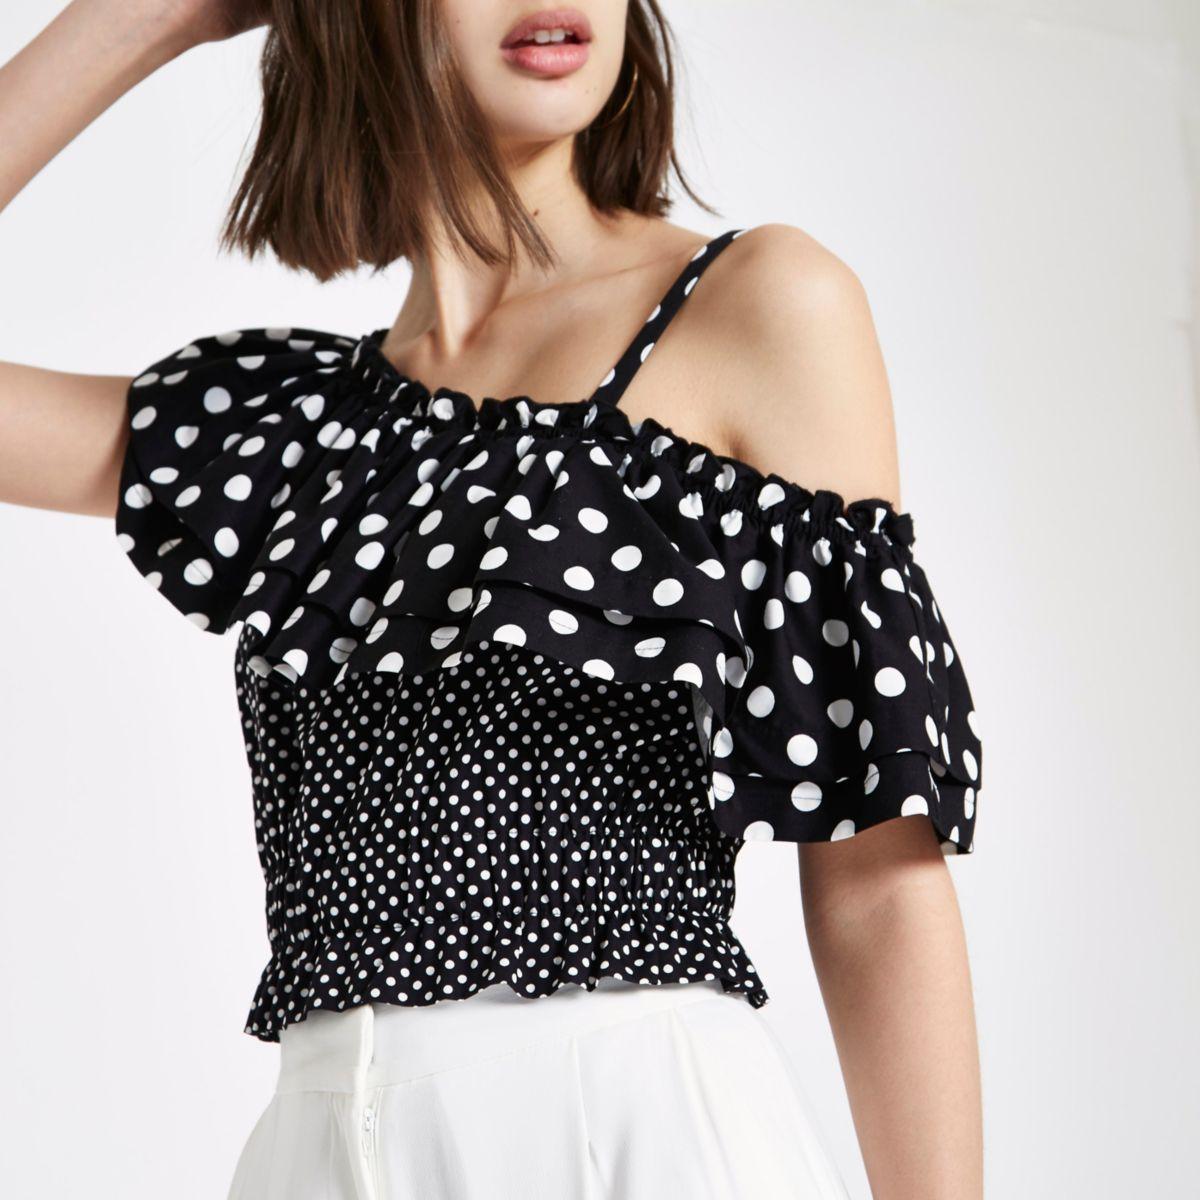 Black polka dot one shoulder frill crop top